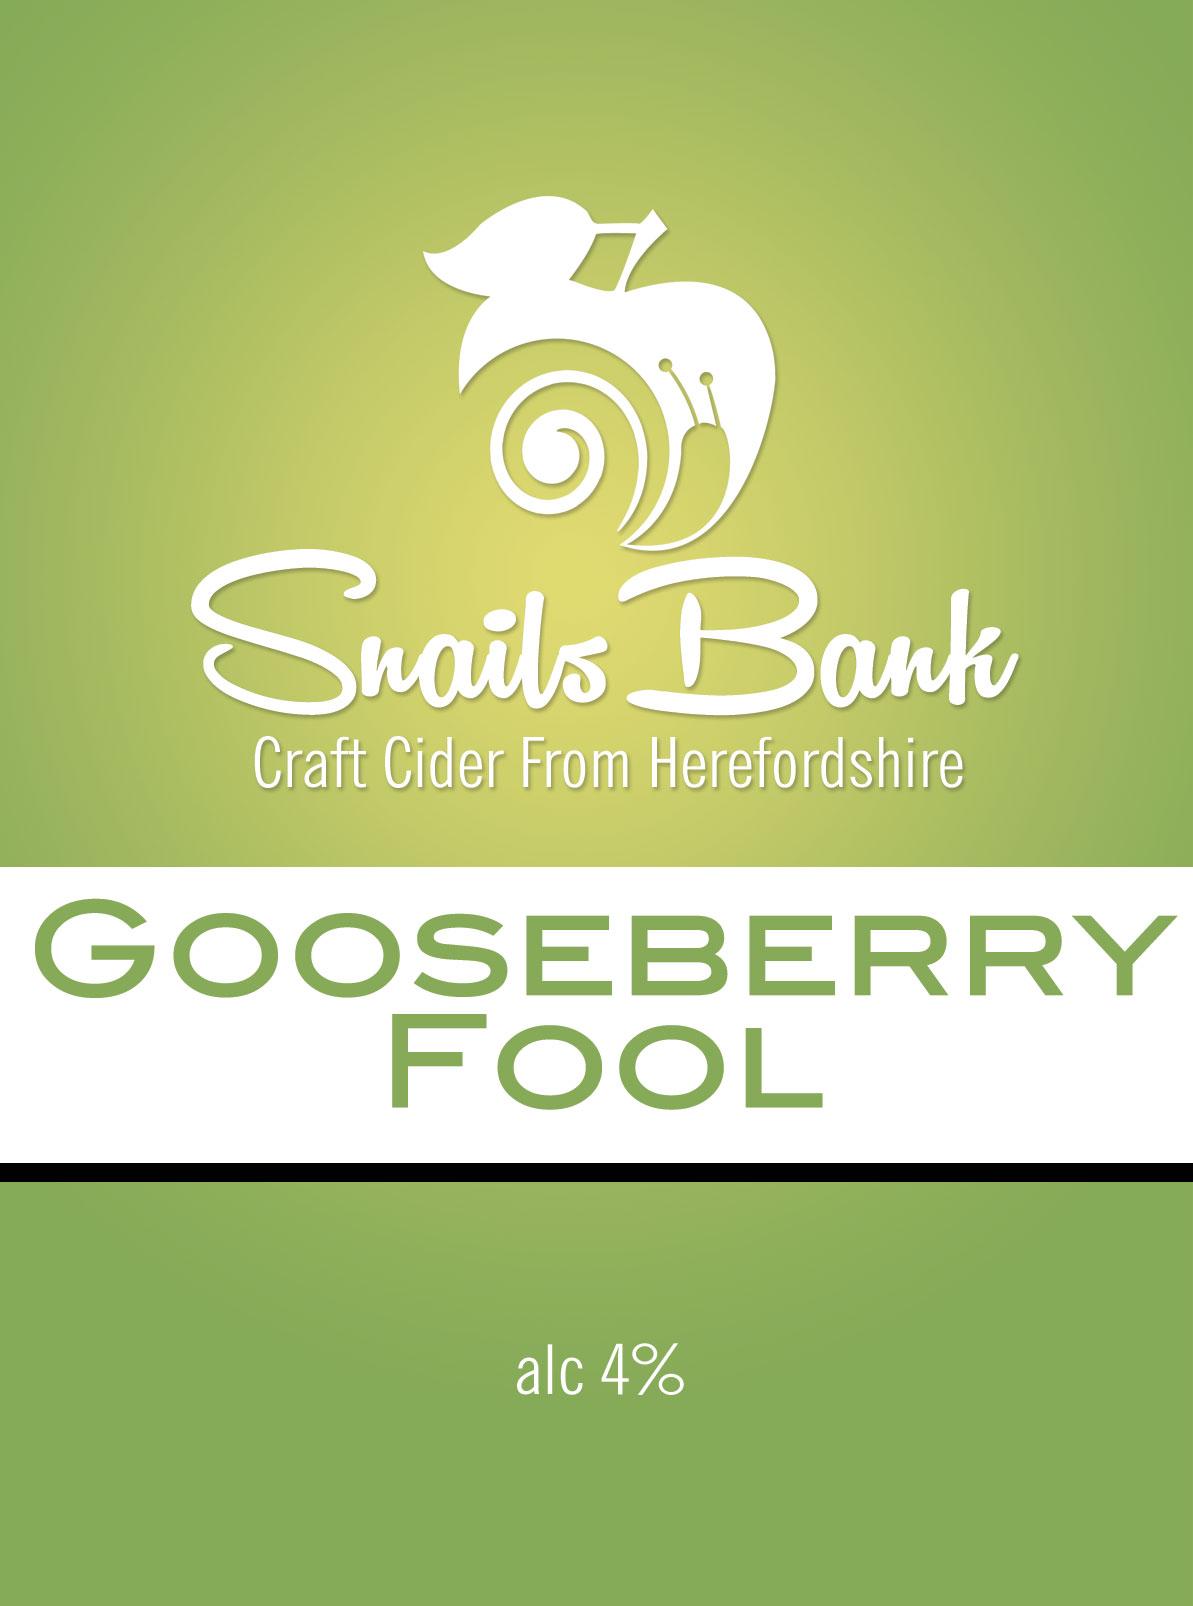 Snails Bank Gooseberry Fool Cider 20ltr BIB 4.0%